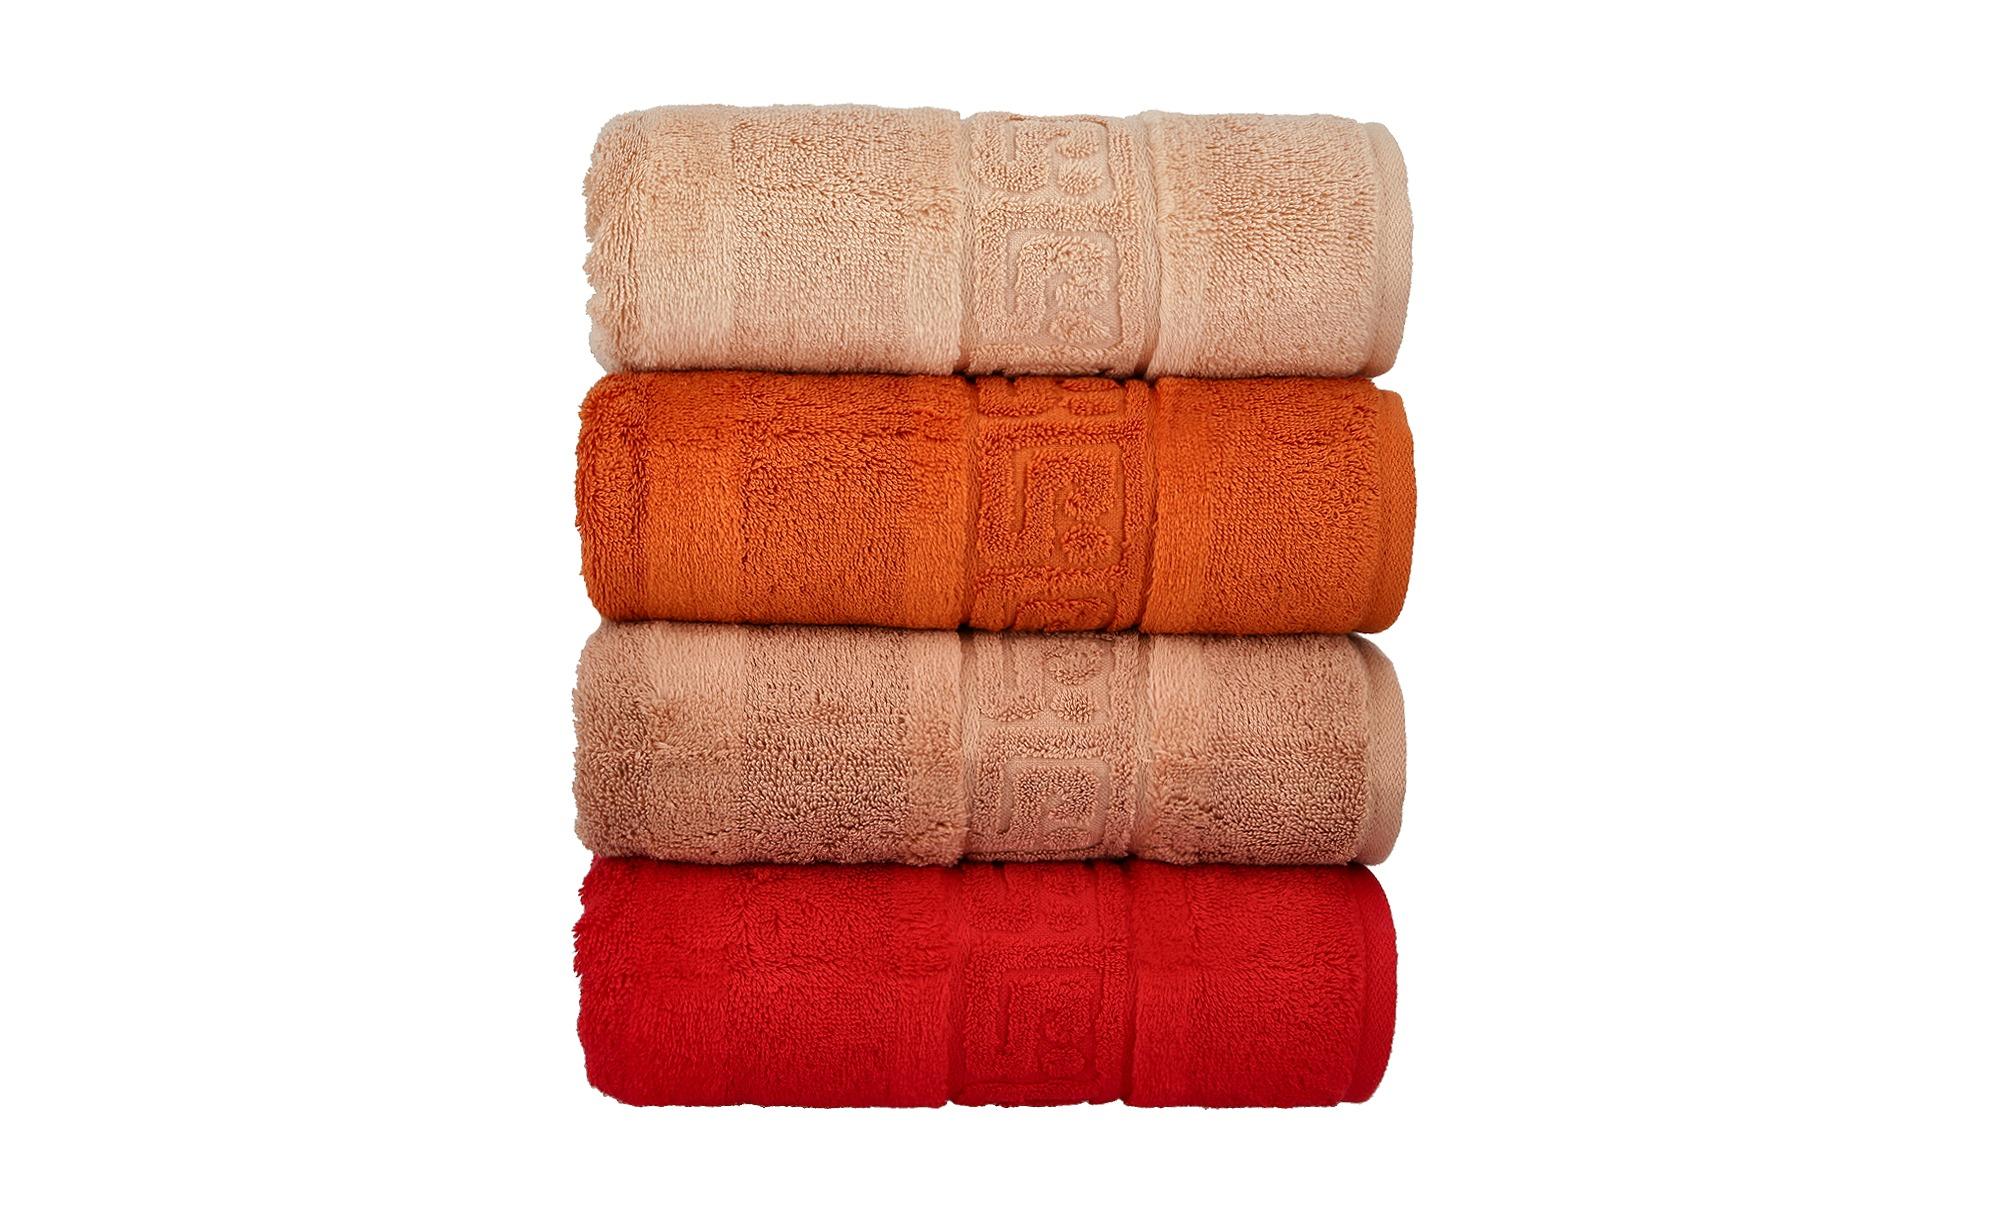 CaWö Handtuch  1001 ¦ orange ¦ 100% Baumwolle ¦ Maße (cm): B: 50 Badtextilien und Zubehör > Handtücher & Badetücher > Handtücher - Höffner